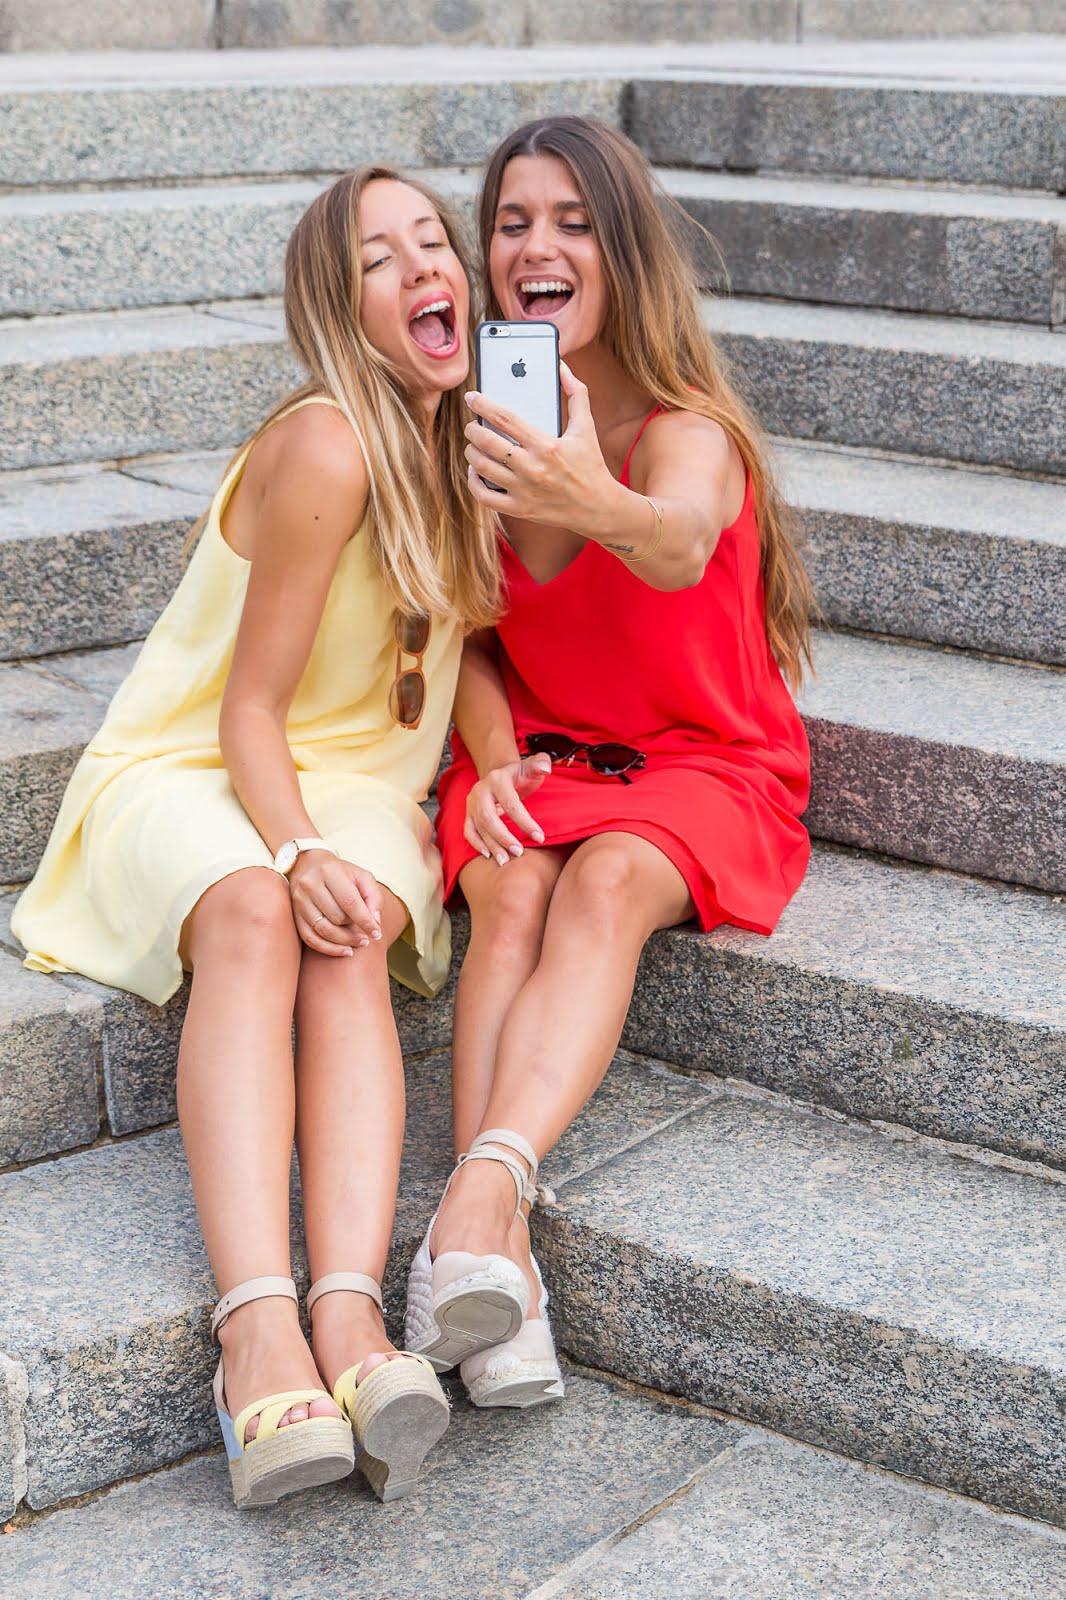 Copines fun selfie